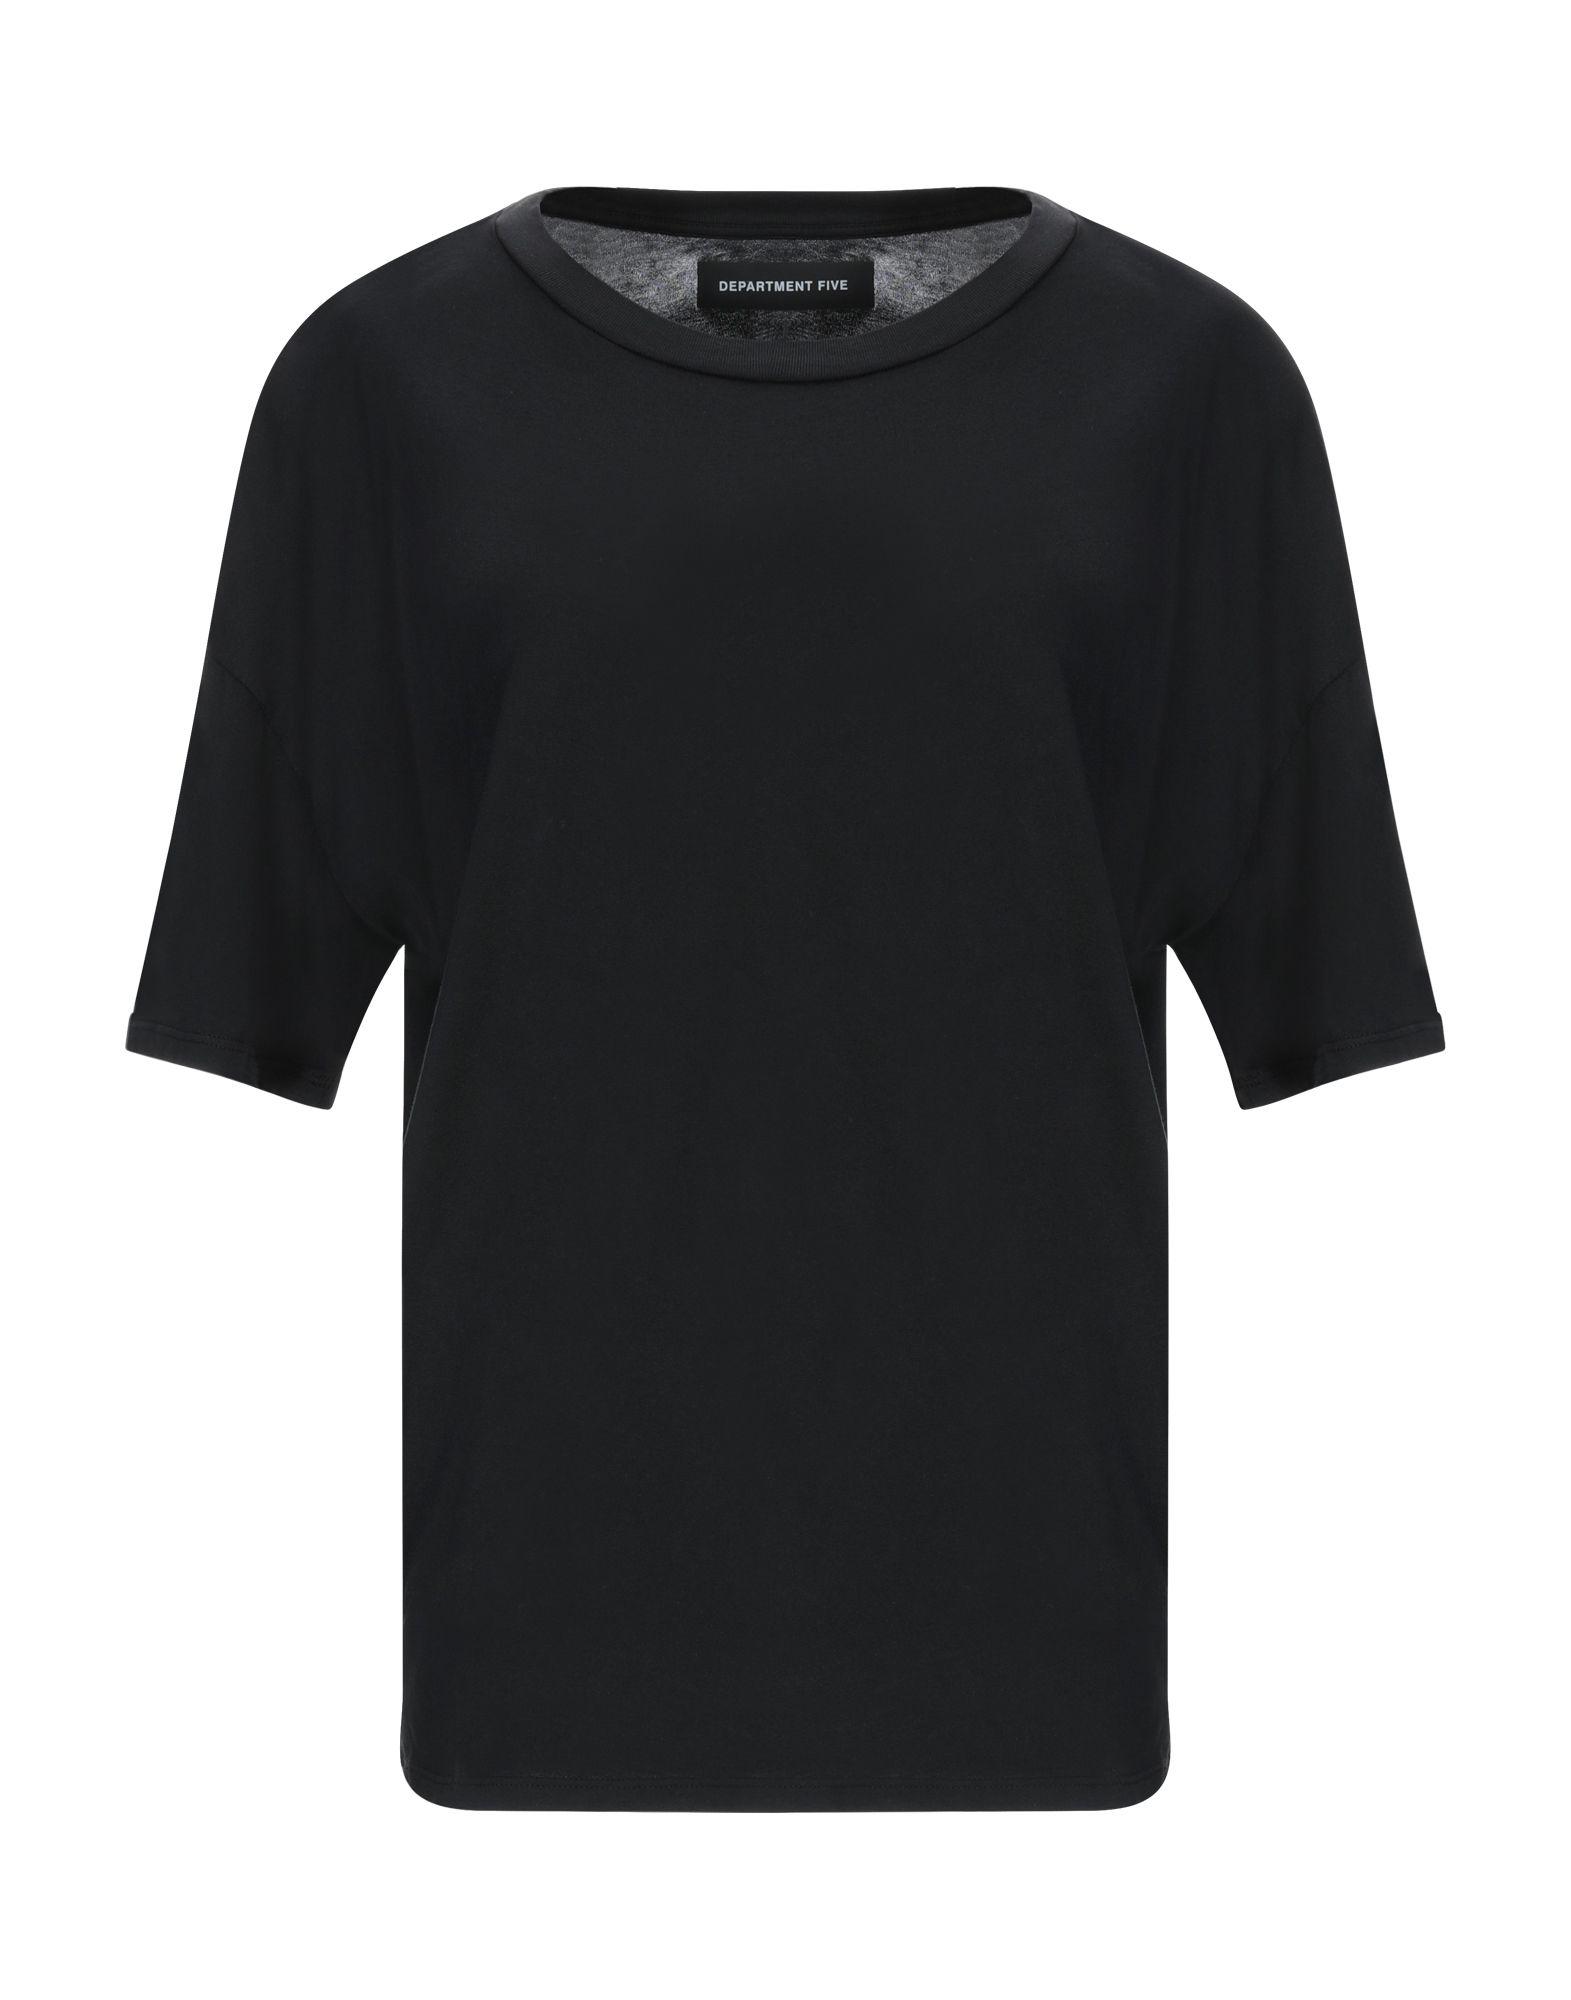 T-Shirt T-Shirt Department 5 donna - 12269108NK  Outlet zum Verkauf